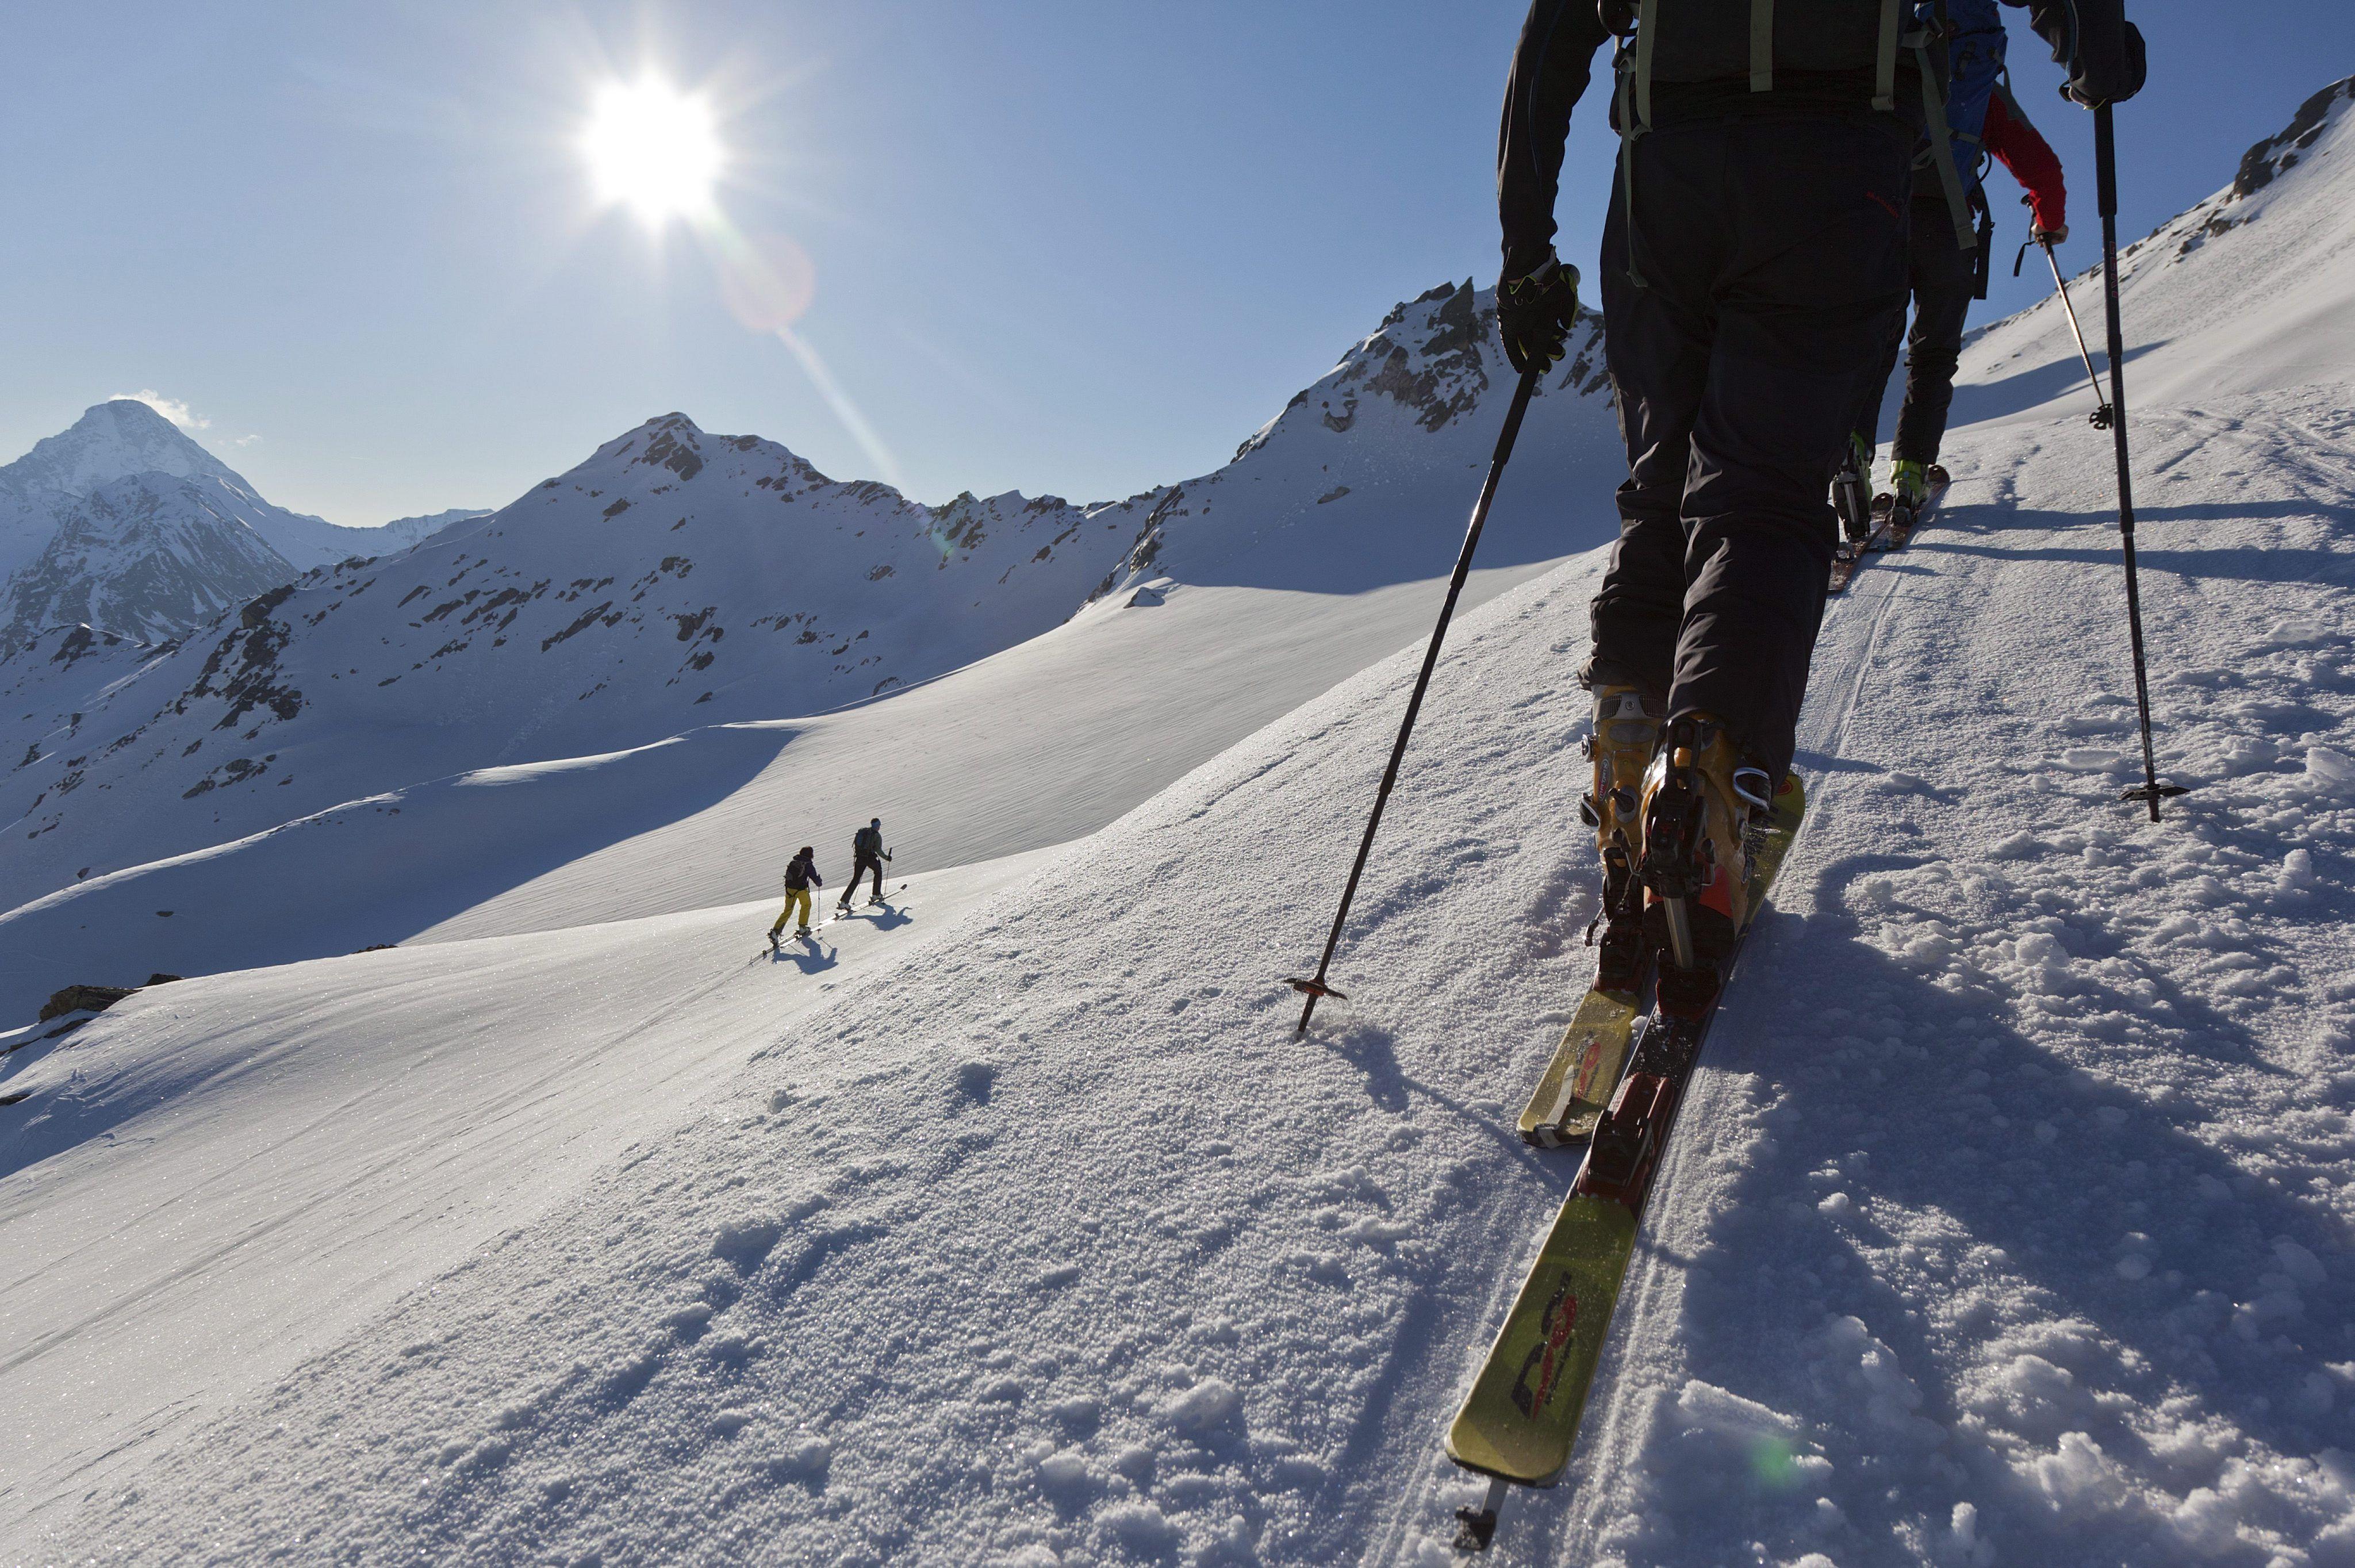 Un grupo de esquiadores practica esquí de travesía cerca a Davos (Suiza).   (EFE/ ARNO BALZARINI)